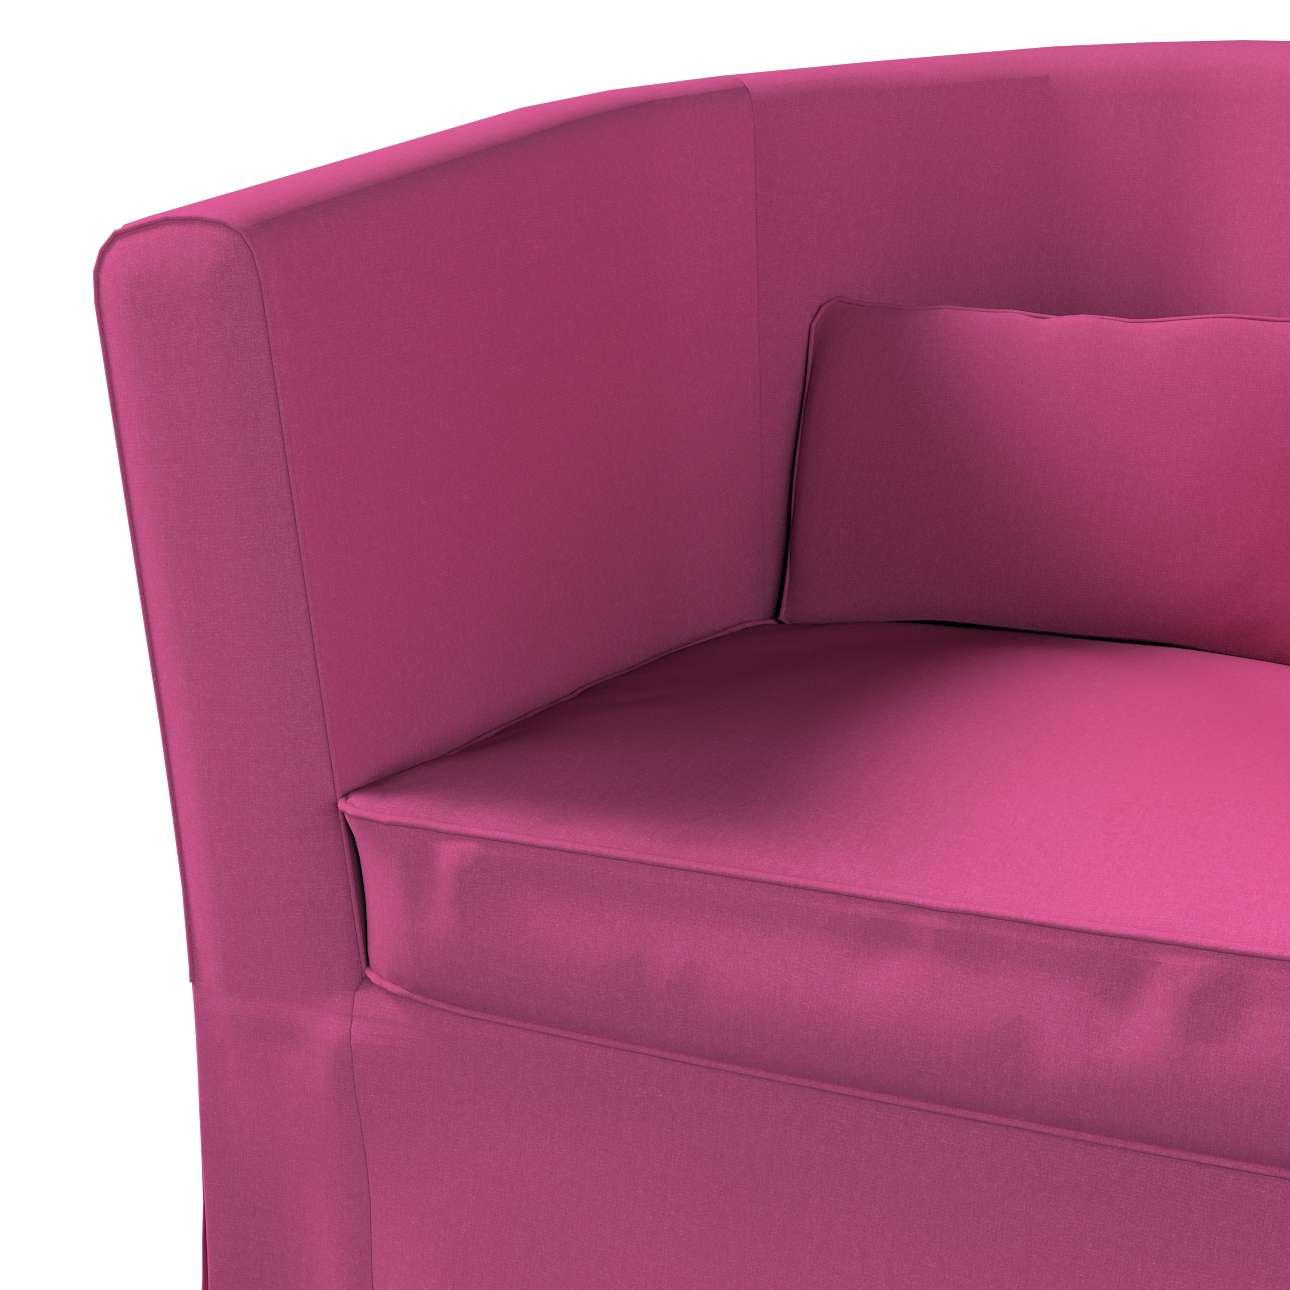 Pokrowiec na fotel Ektorp Tullsta w kolekcji Living, tkanina: 161-29